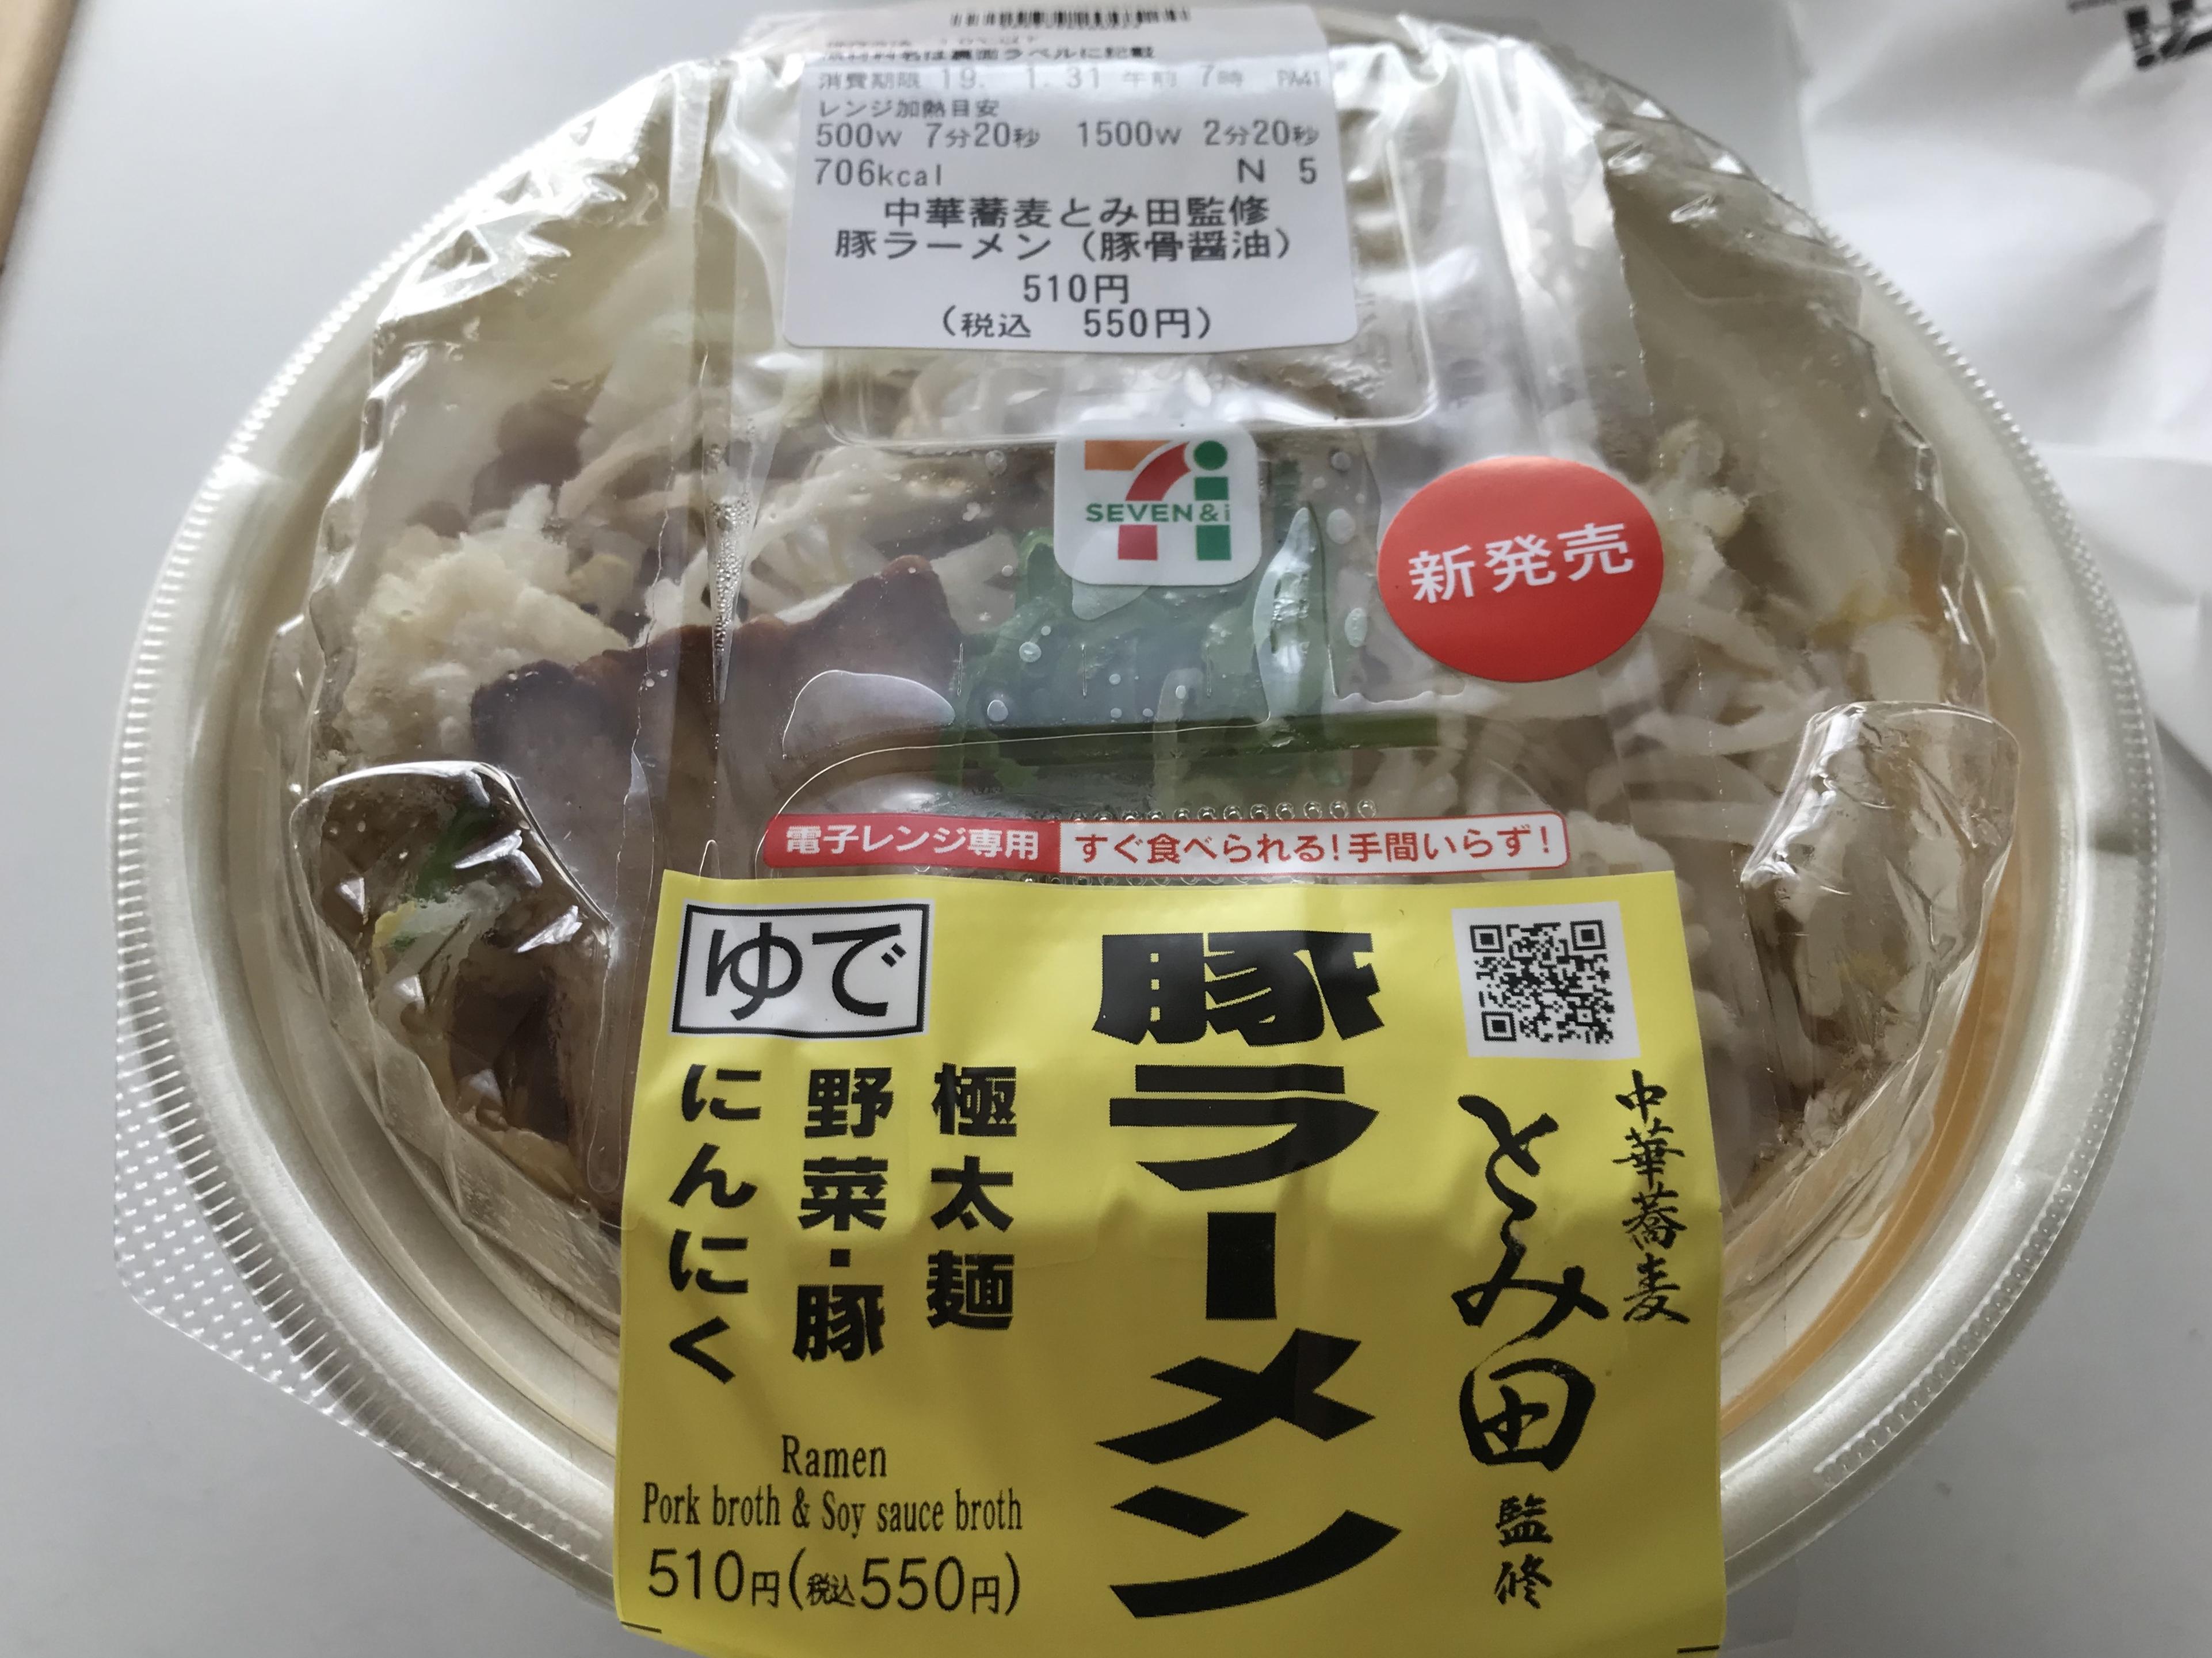 ラーメン セブン 豚 セブンイレブンの二郎系豚ラーメンがウマすぎてヤバい【とみ田監修】